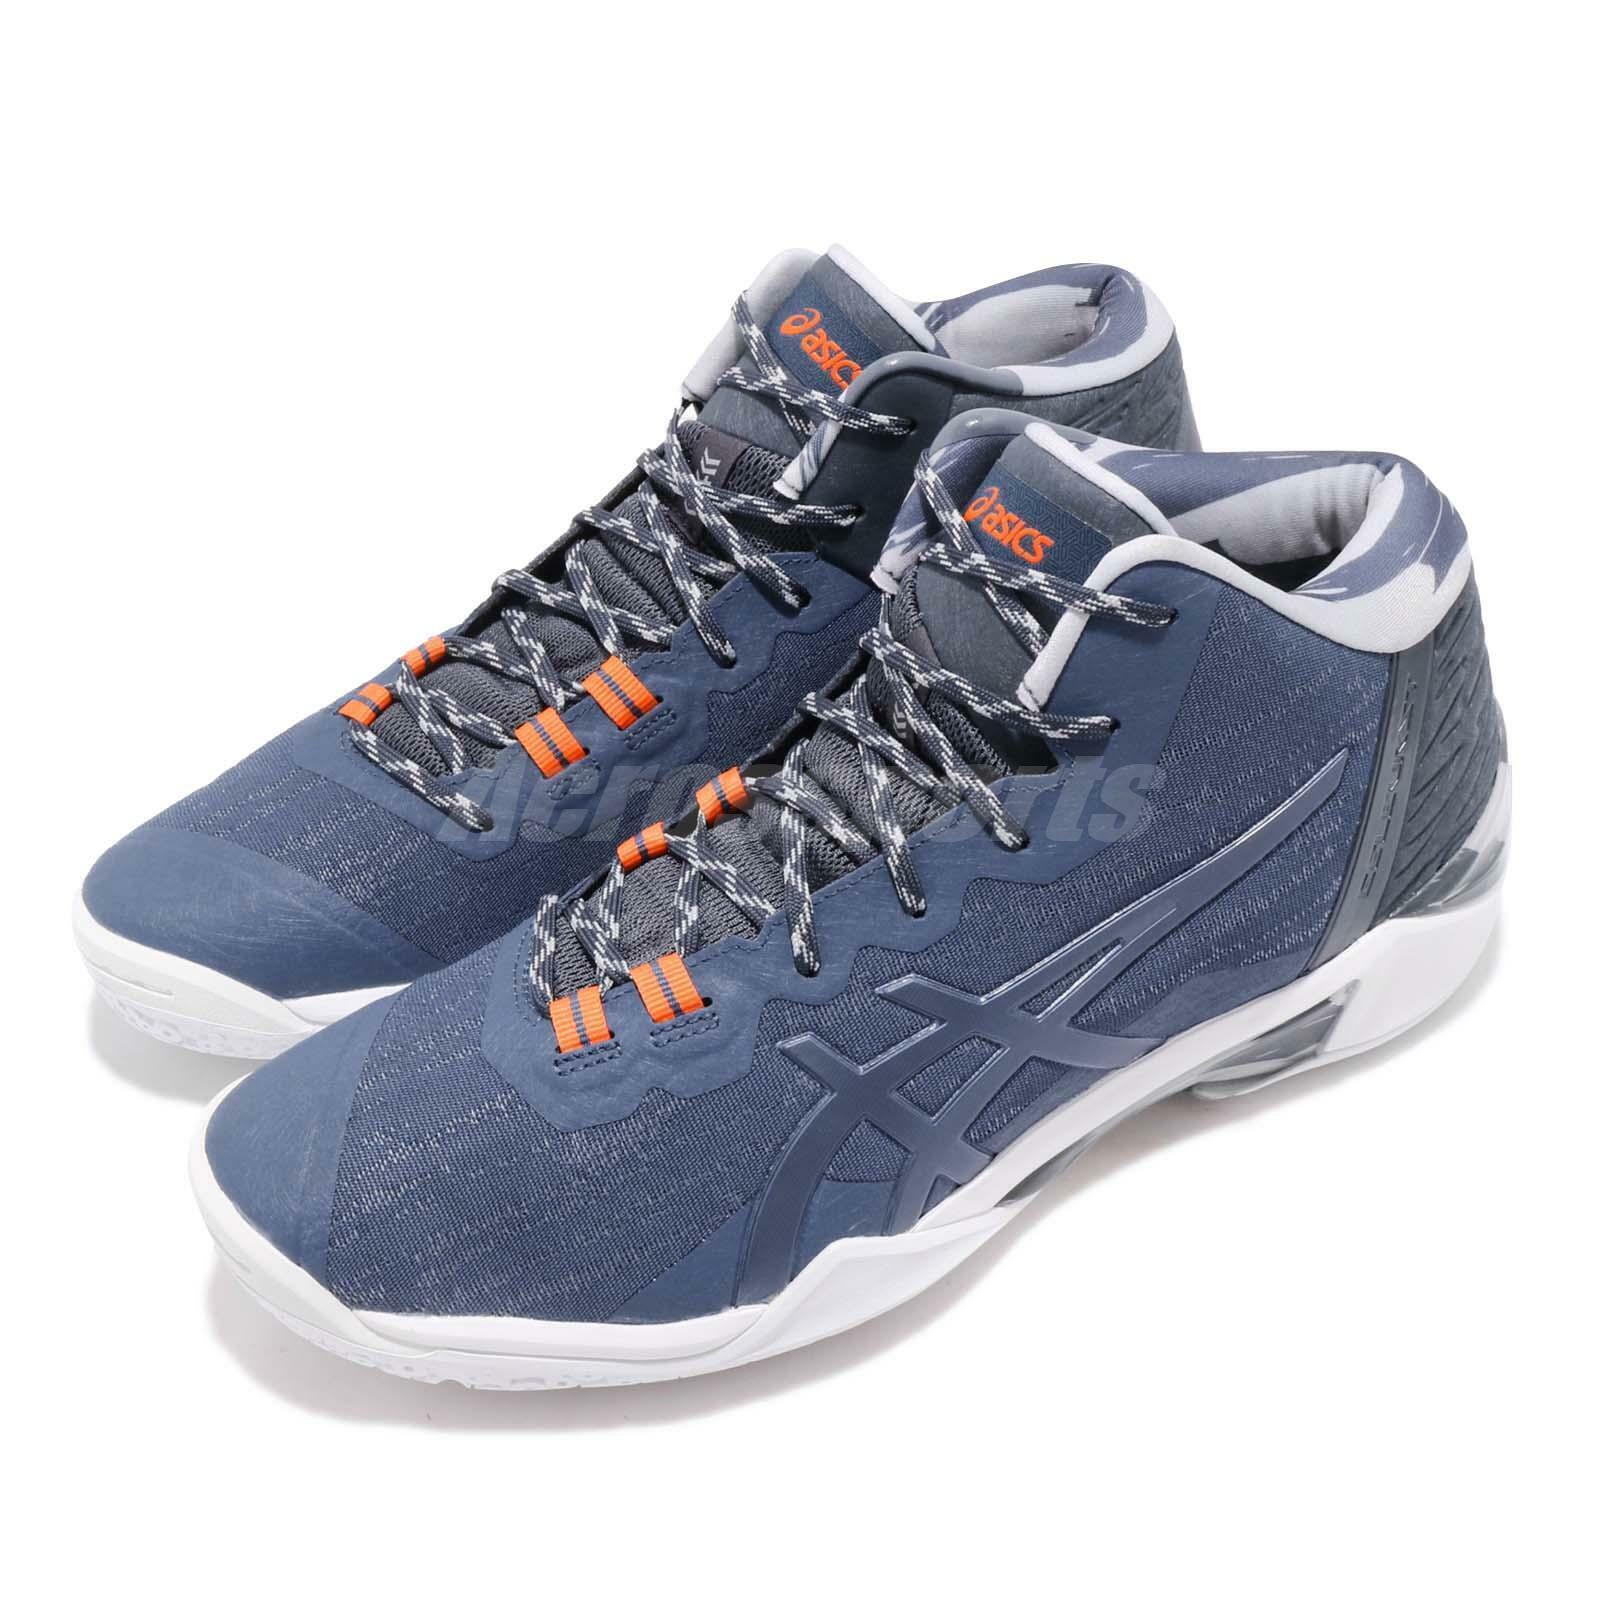 Asics Gel-Burst 23 GE Grand Shark blueee White Men Basketball shoes 1061A018-416